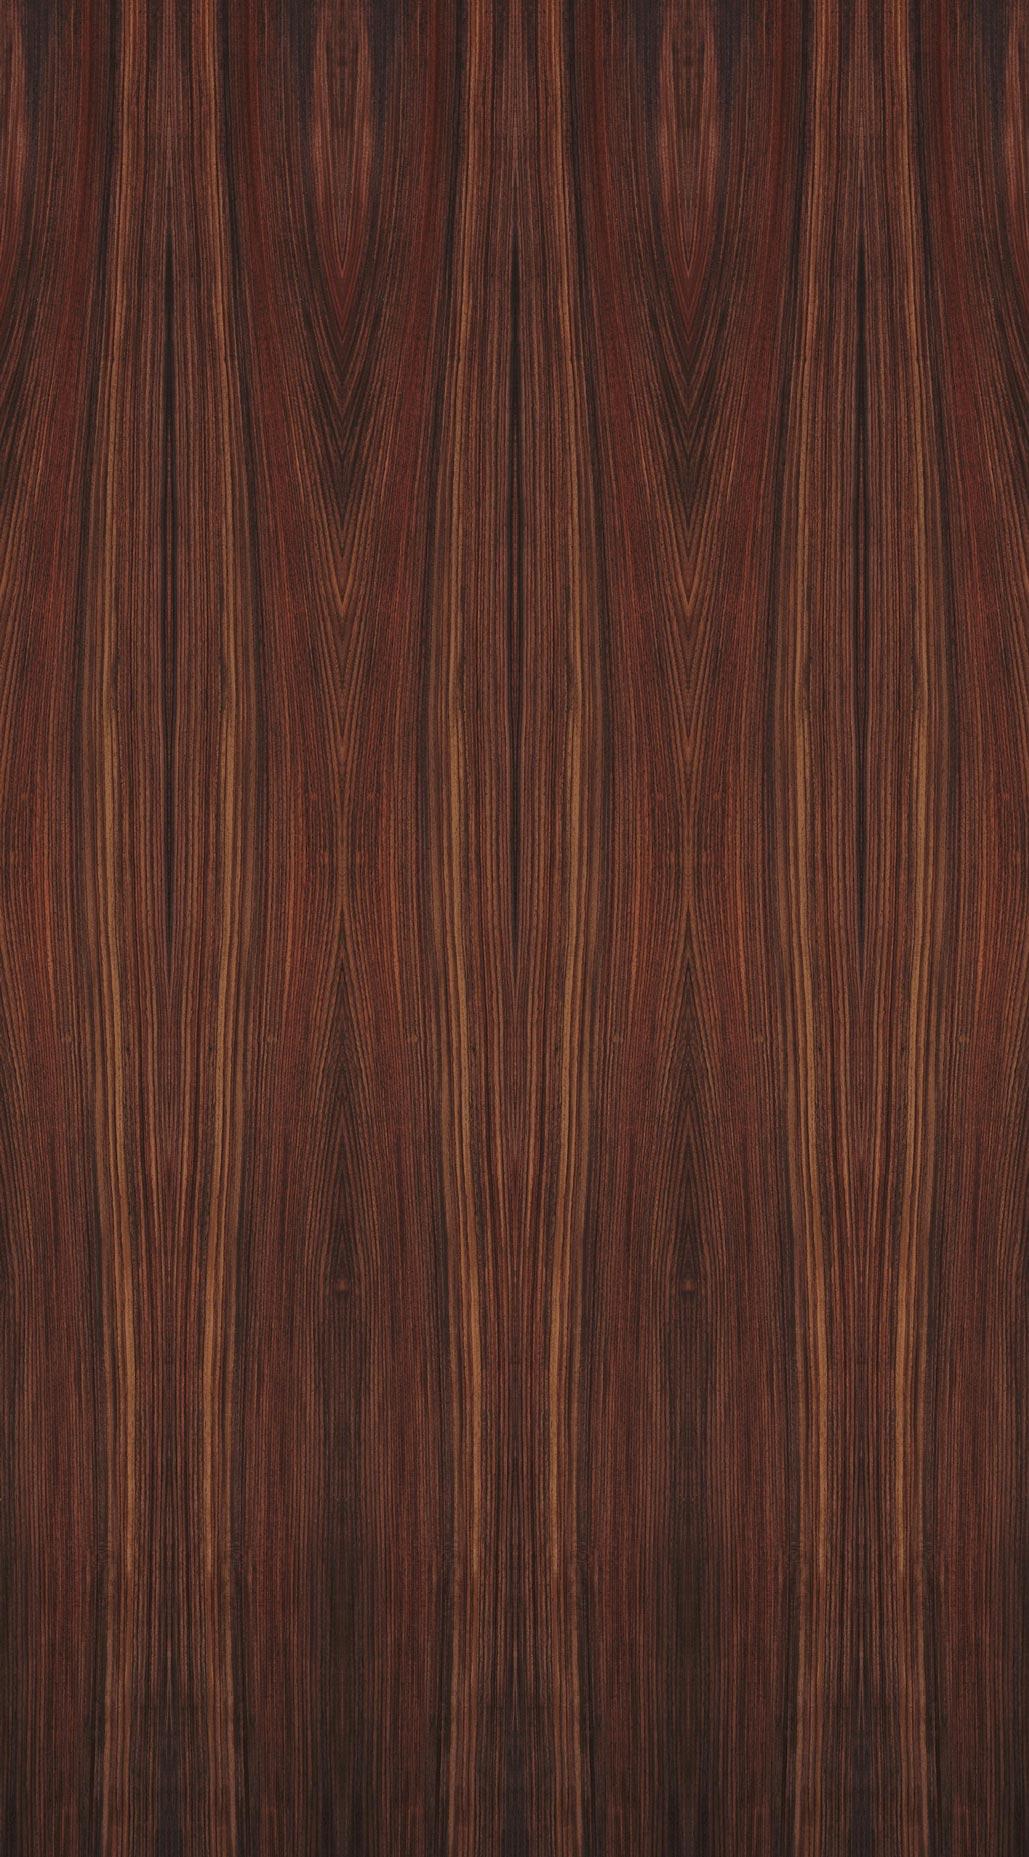 Rosewood East Indian Veneer Dooge Veneers